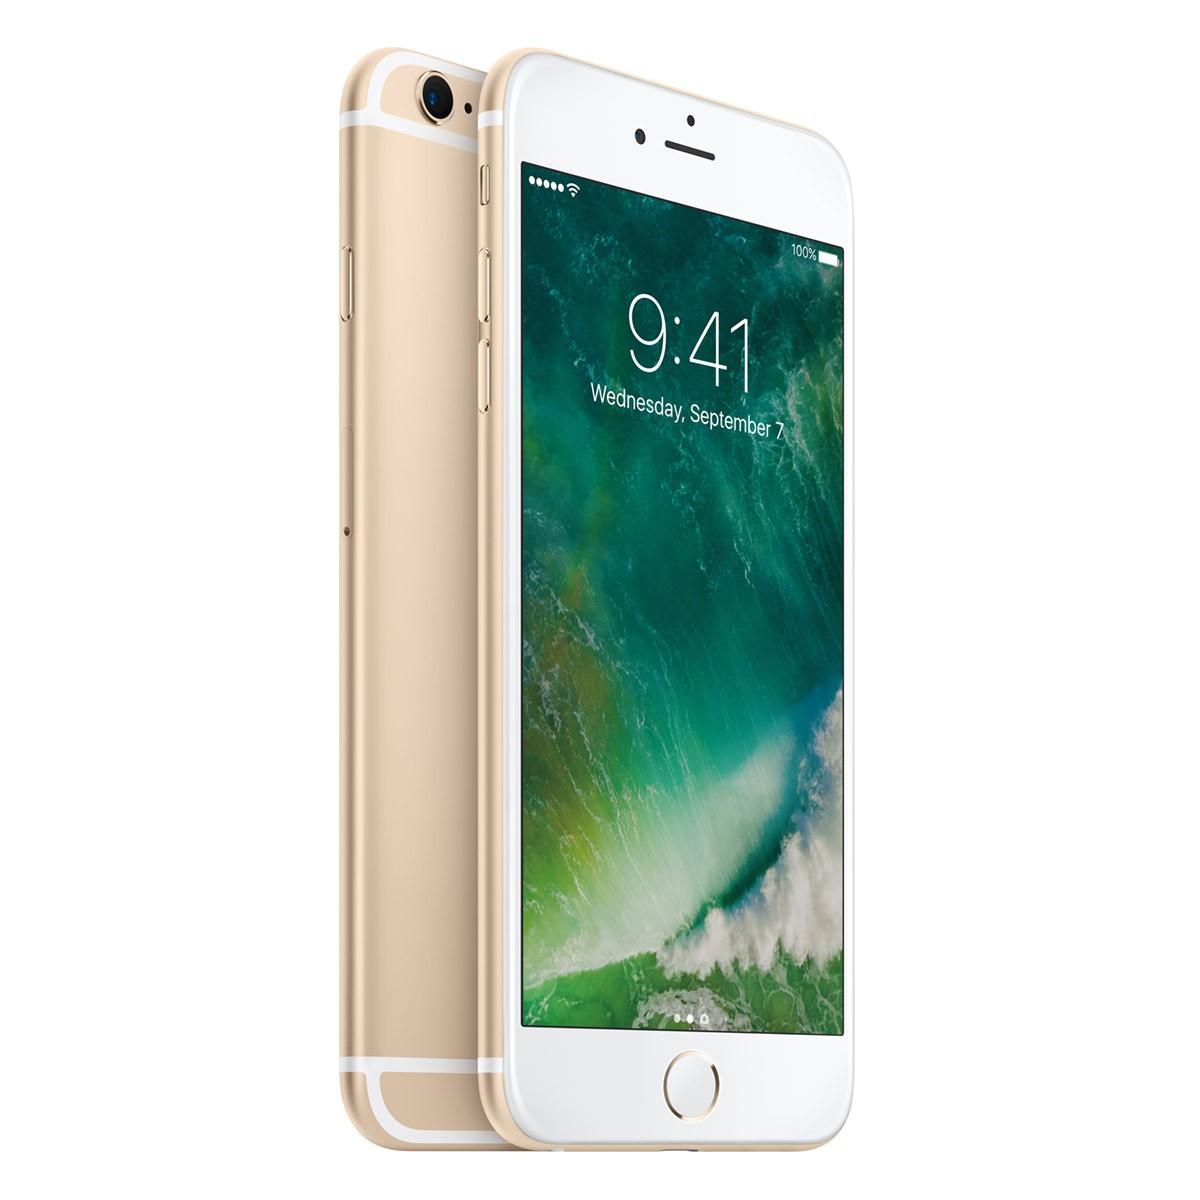 Apple iPhone 6s Plus 64GB - Gold (servisovaný nepoužitý, záruka a odpovědnost z vad 12 měsíců u iSTYLE)